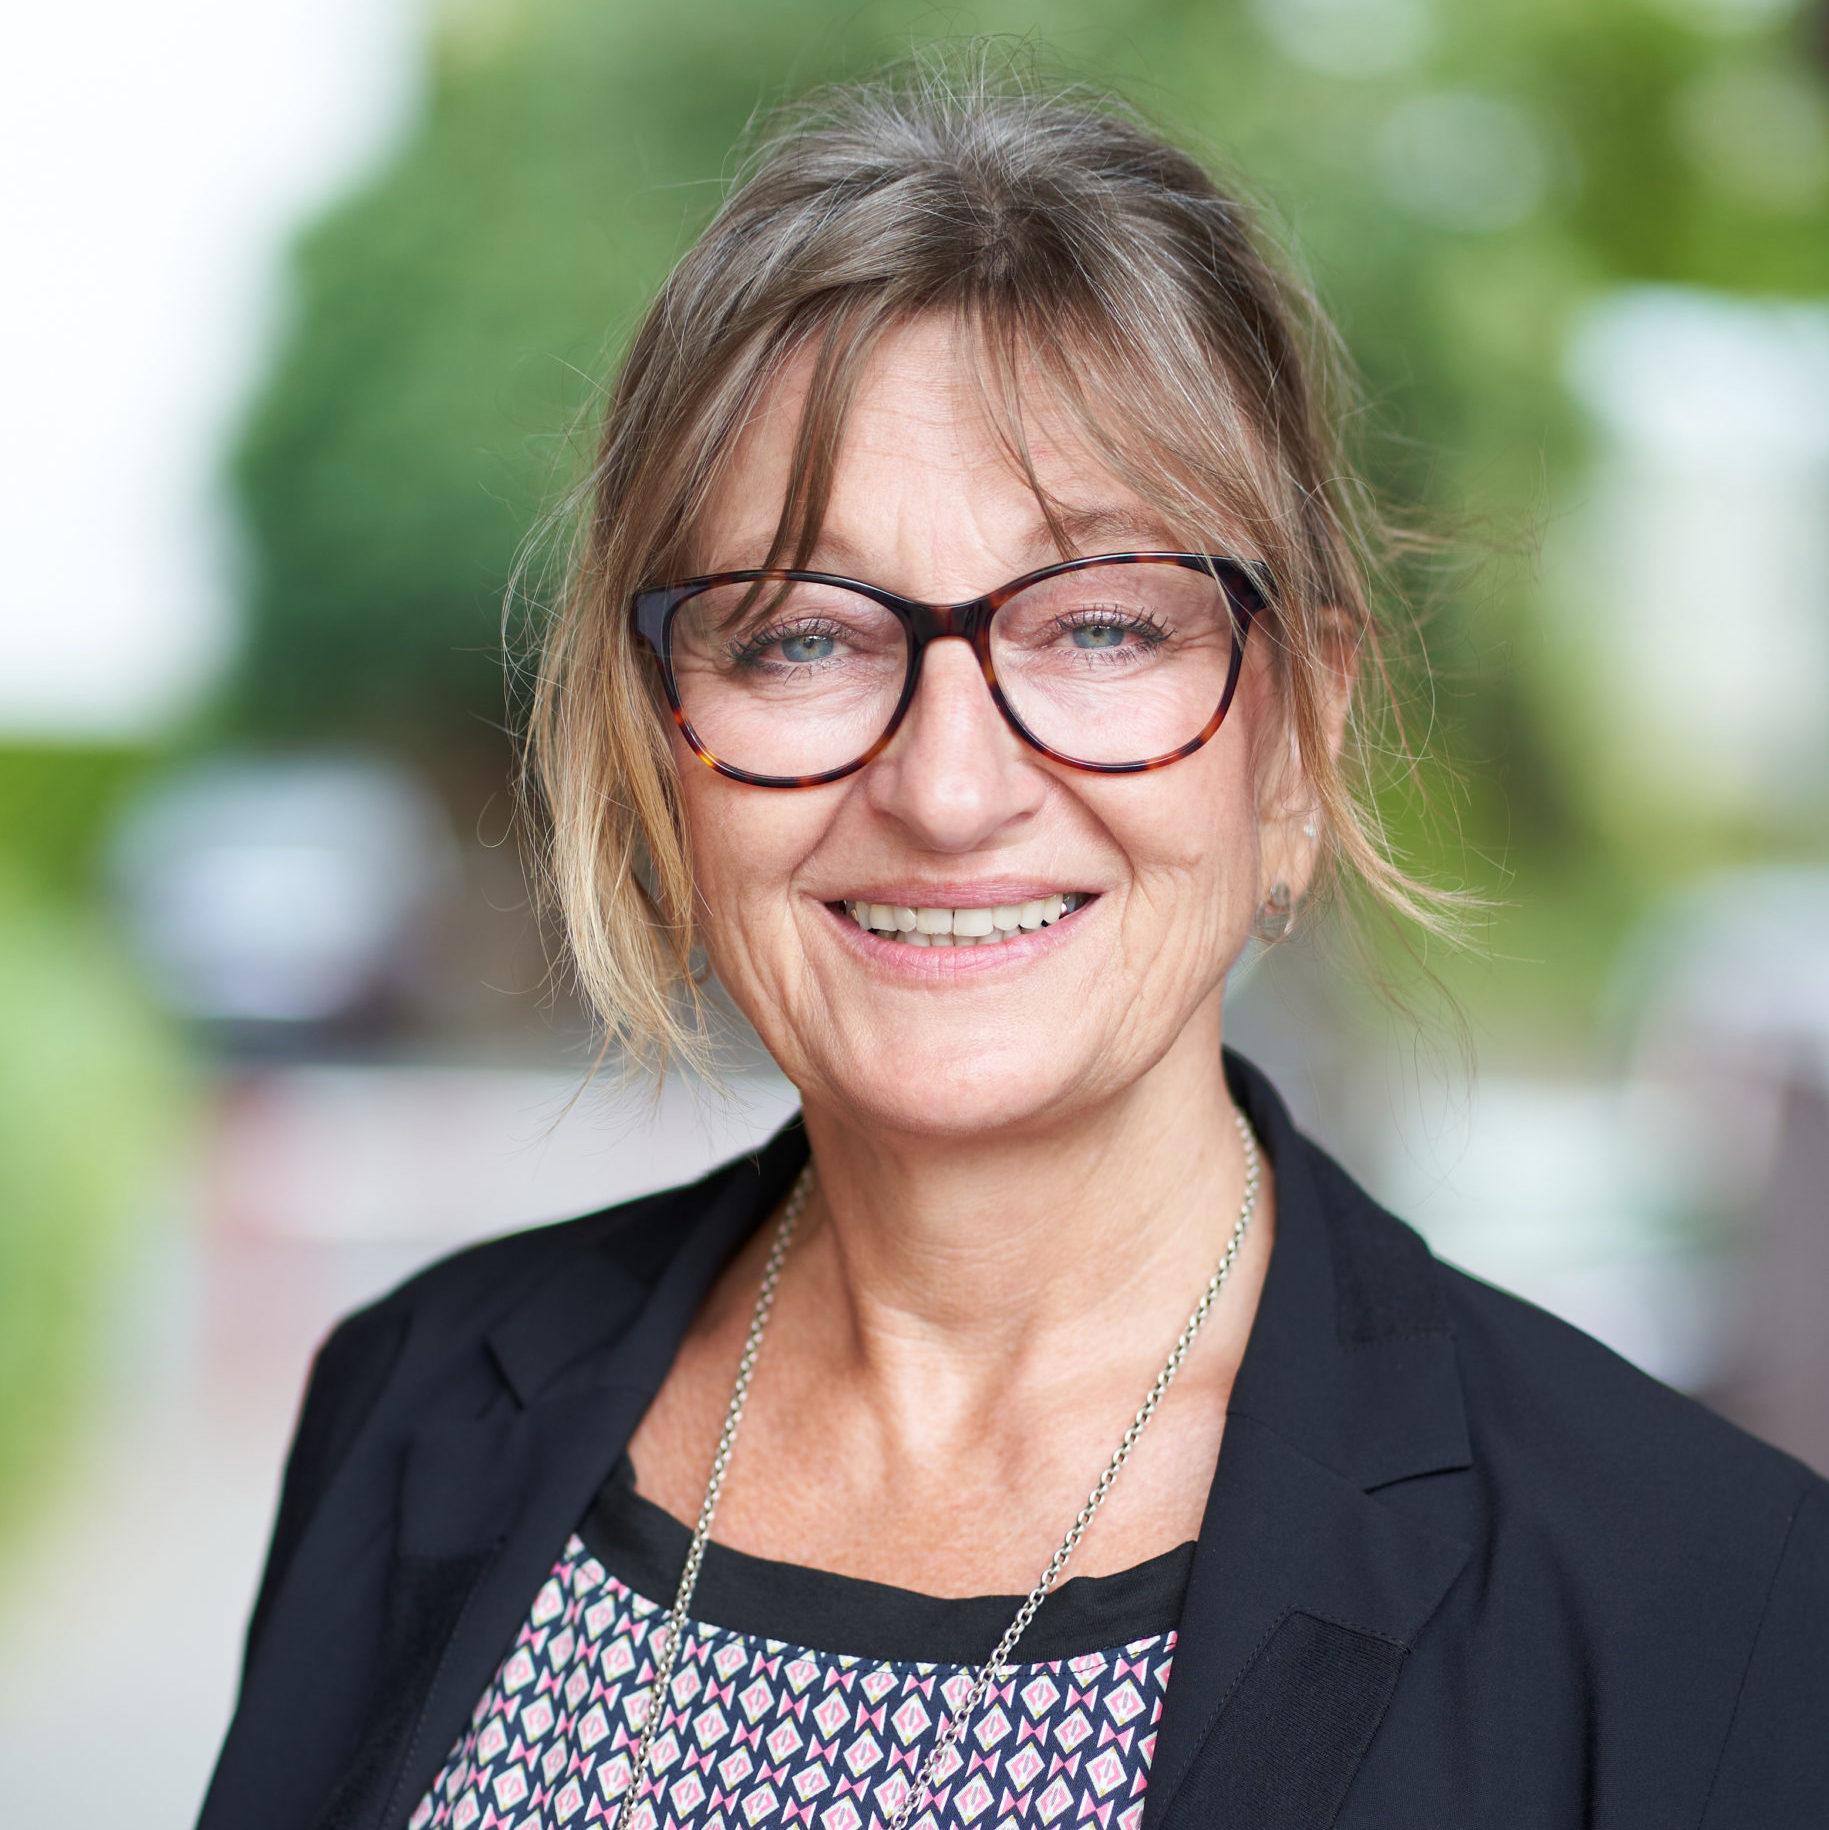 Anke Georgi